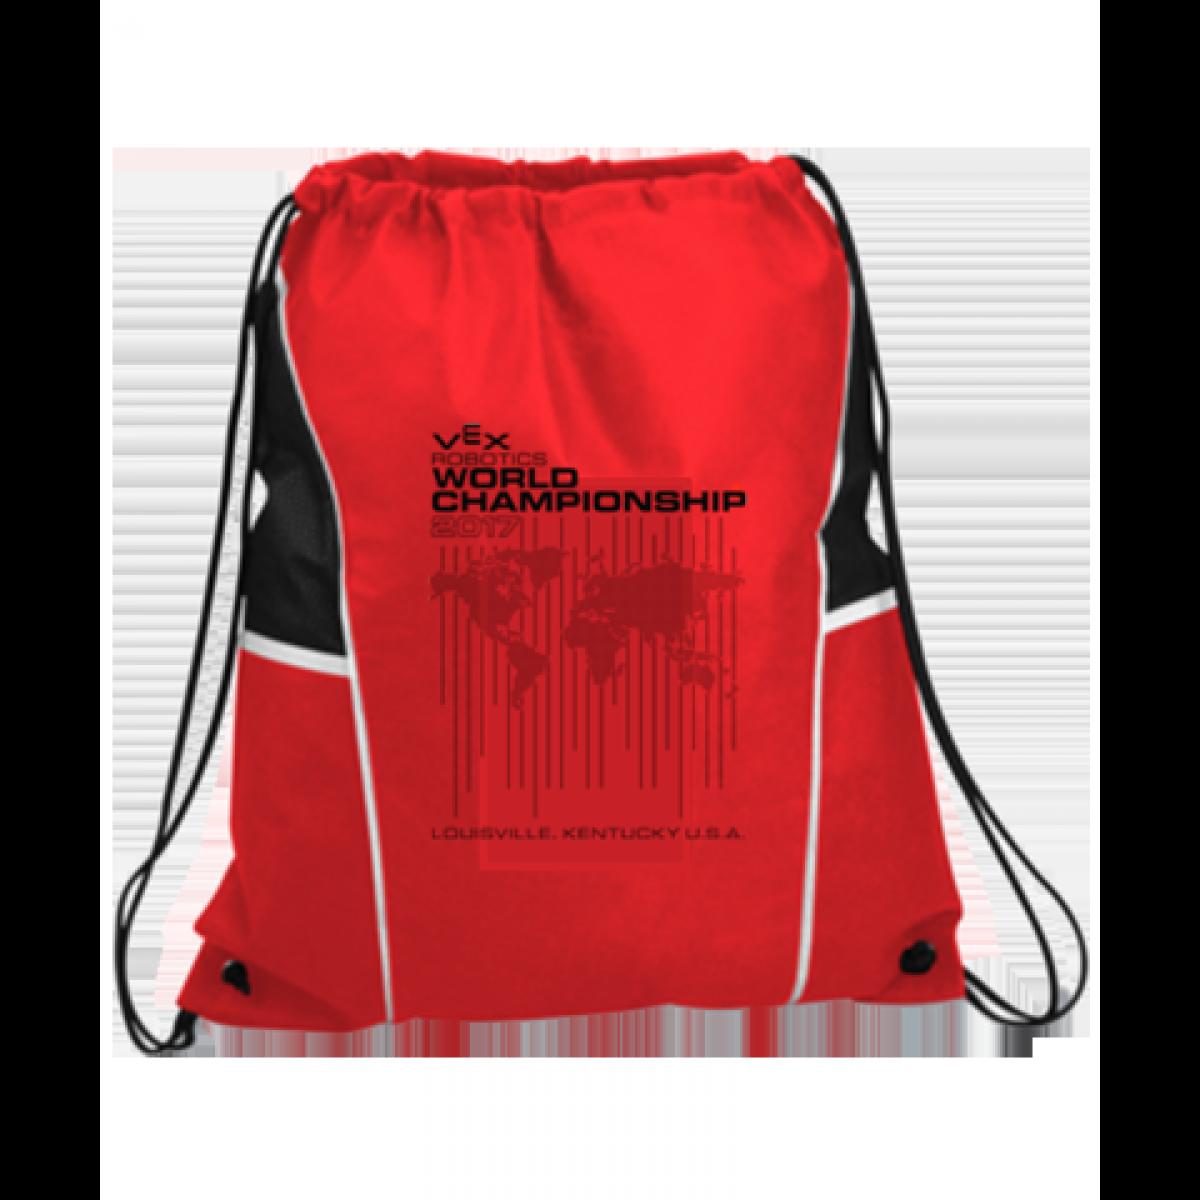 VEX 2017 Drawstring Bag - Red